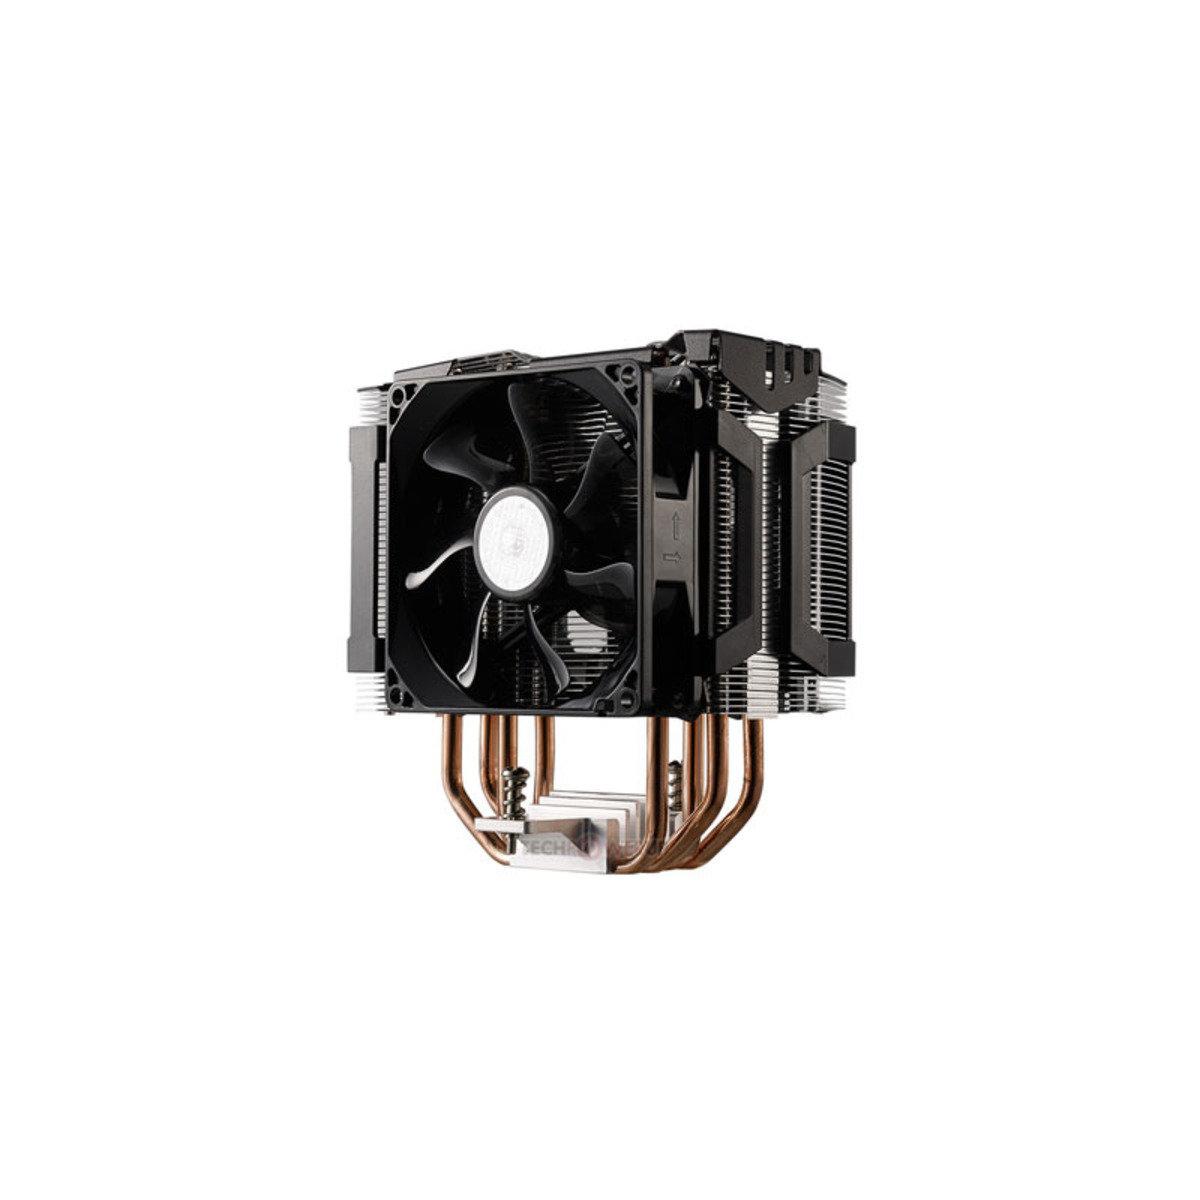 雙92mm 風扇熱導管空冷散熱器 Hyper D92